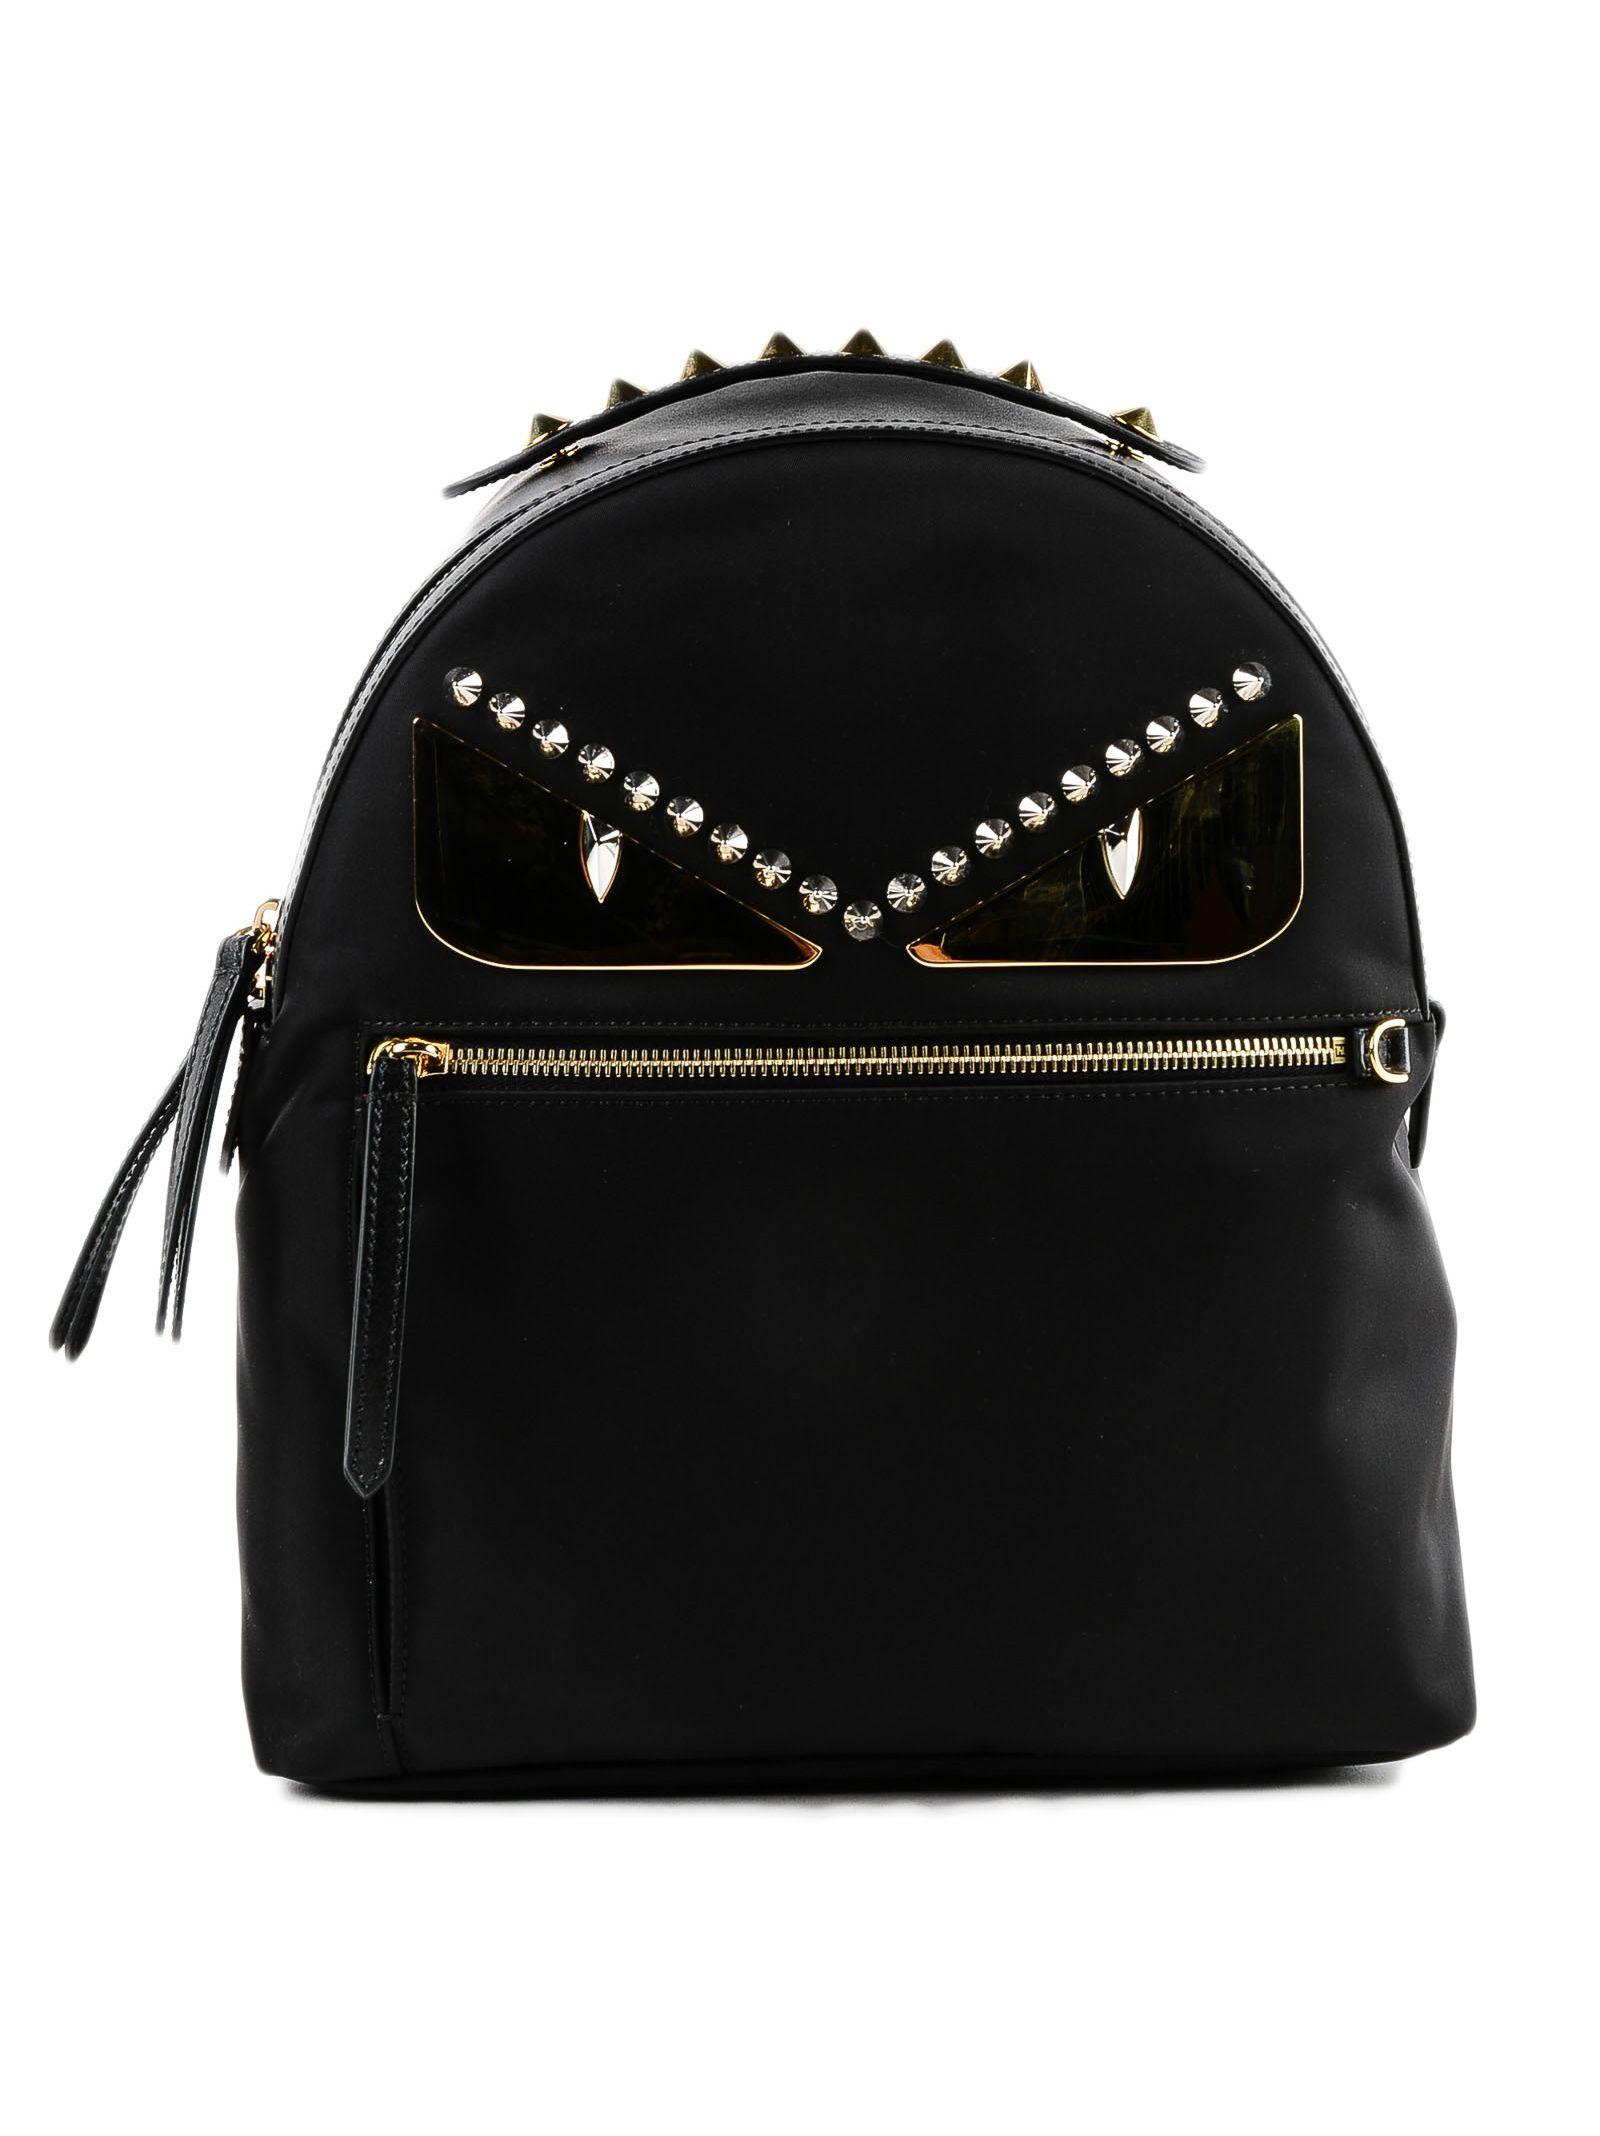 5ad441b549 Fendi Bag Bugs Backpack In Kur Nero